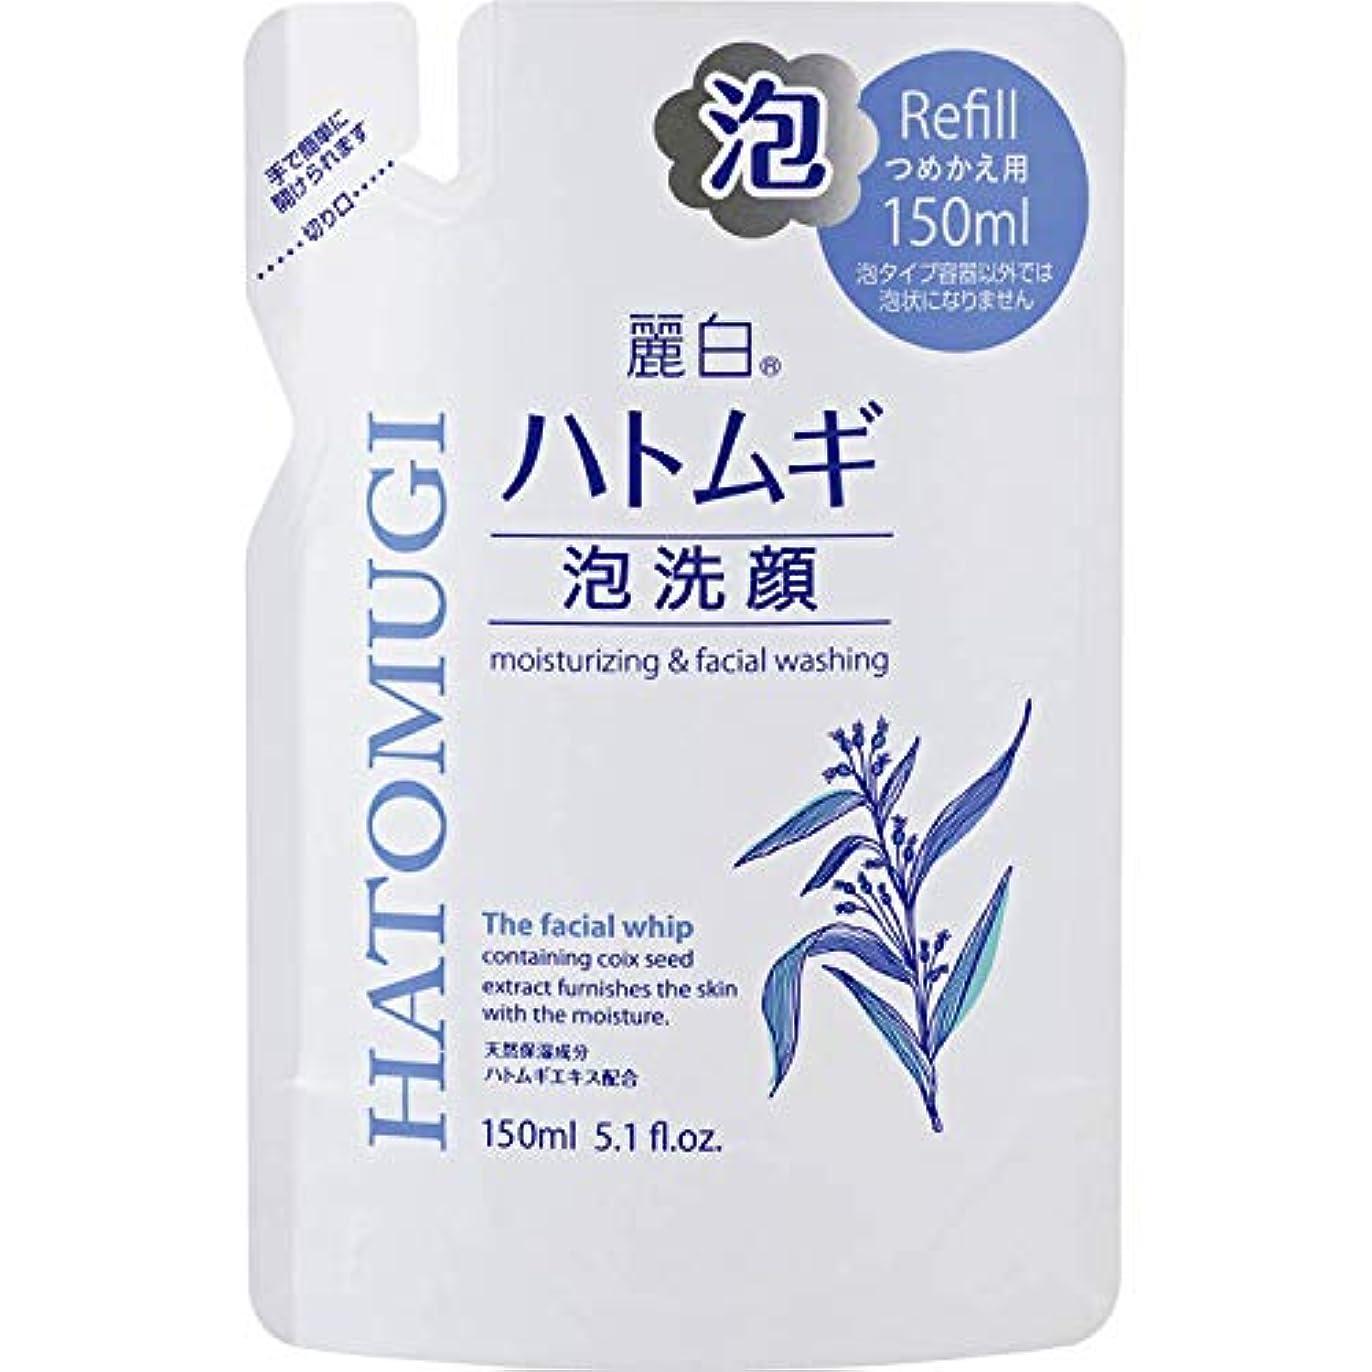 ダッシュ腹部振る舞い麗白 ハトムギ 泡洗顔 詰替用 150mL